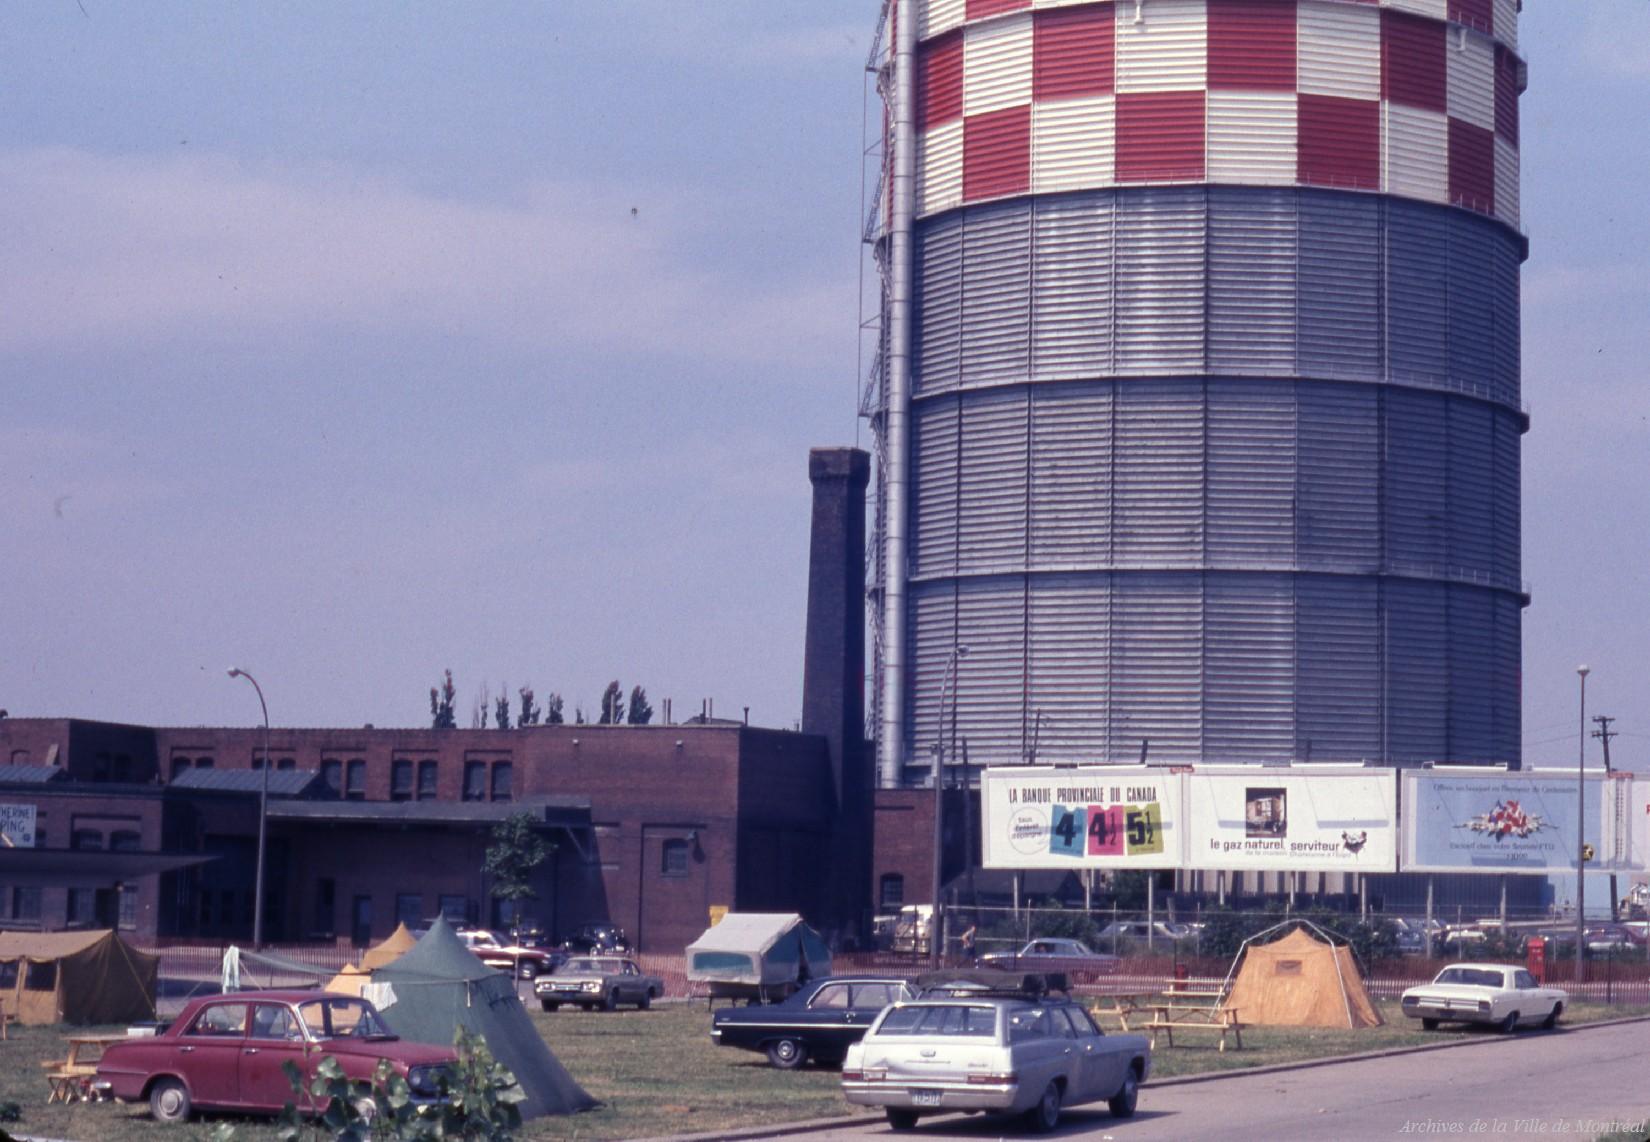 Terrain de camping près d'une raffinerie au moment d'Expo 67